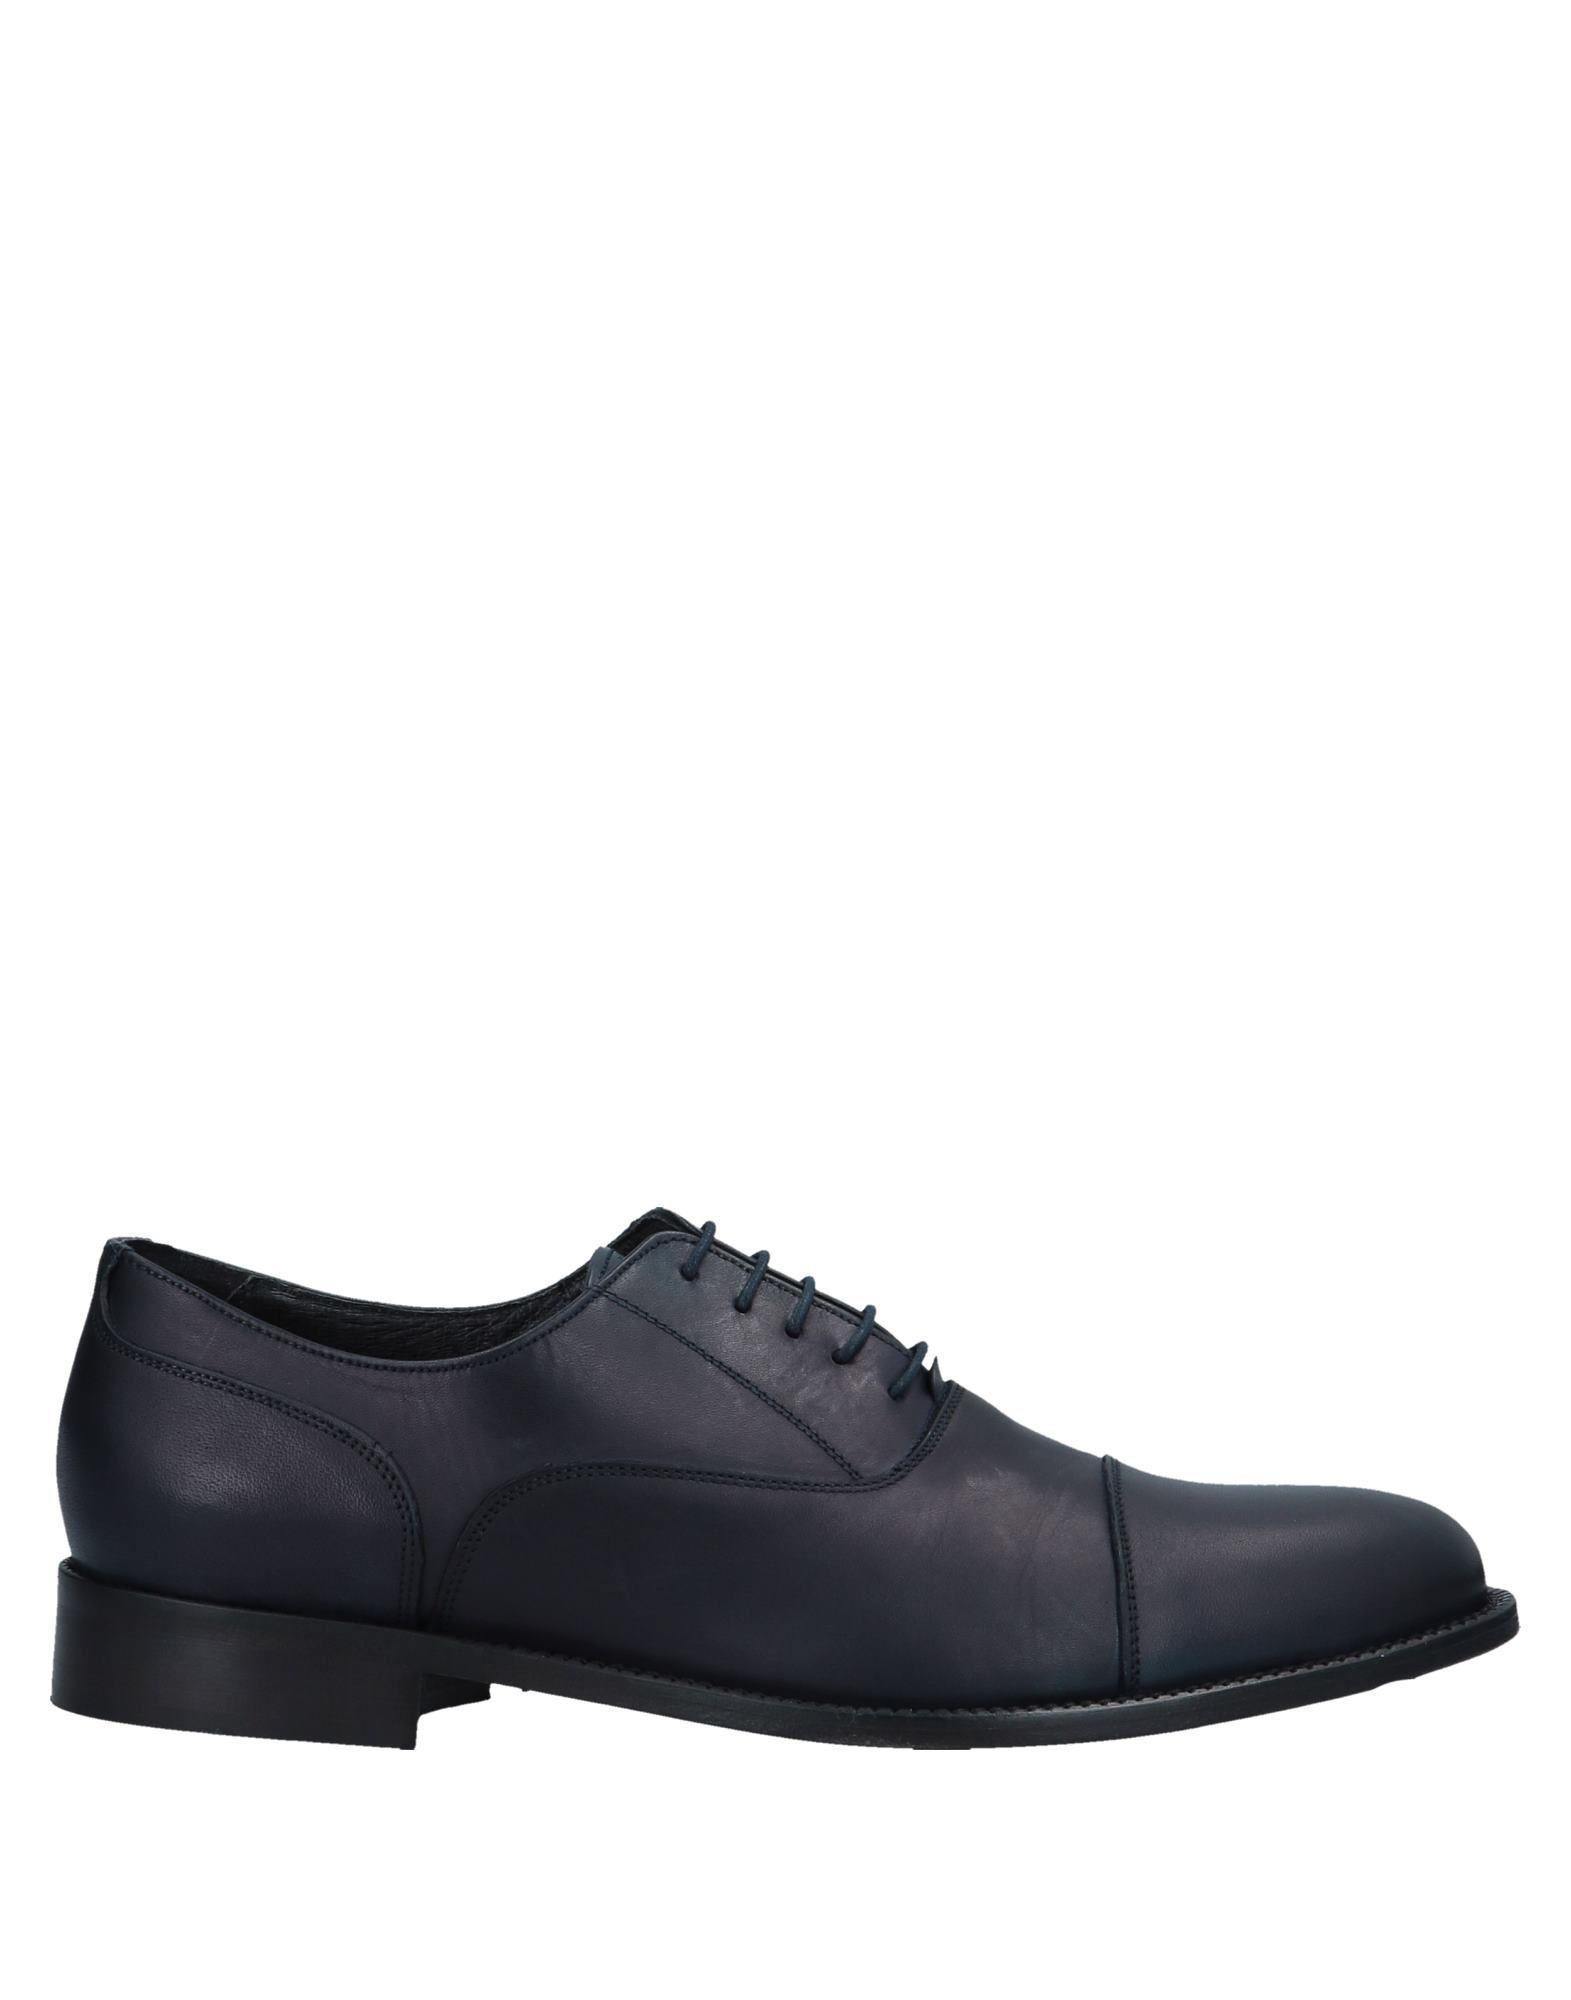 Rabatt echte Schuhe Daniele Alessandrini Schnürschuhe Herren  11556690XK